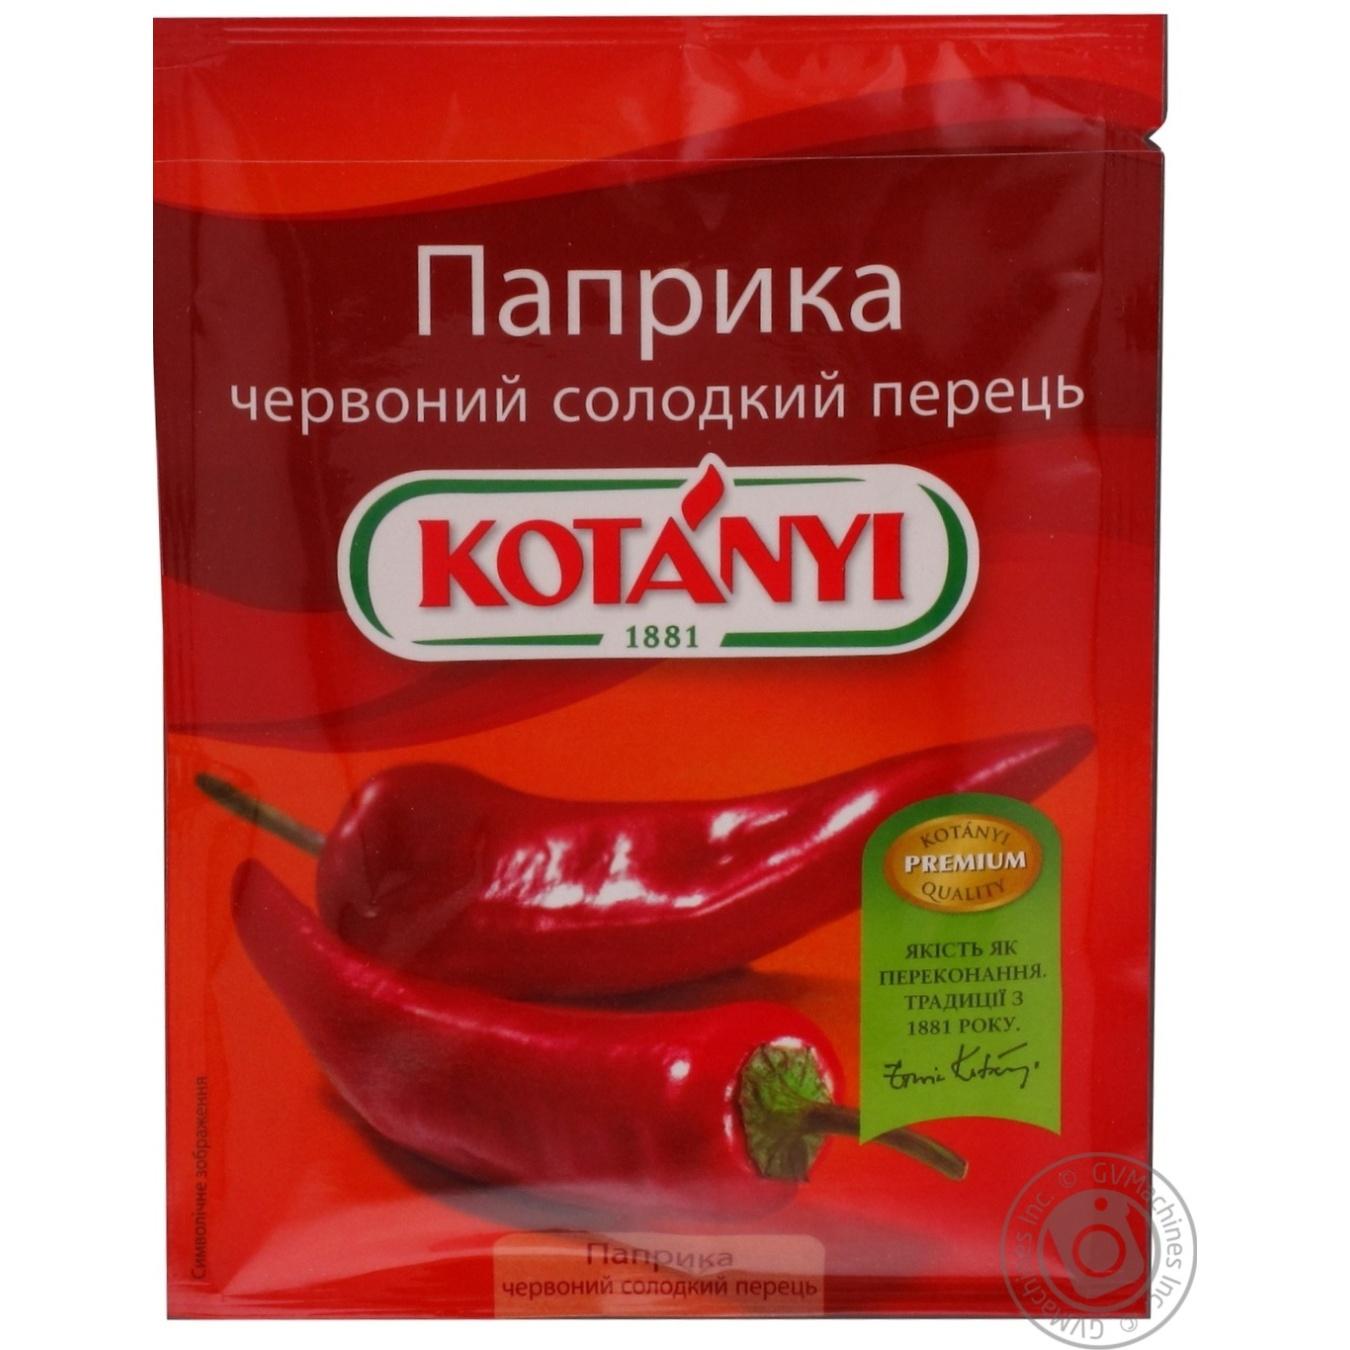 Паприка Котани красный сладкий перец 35г